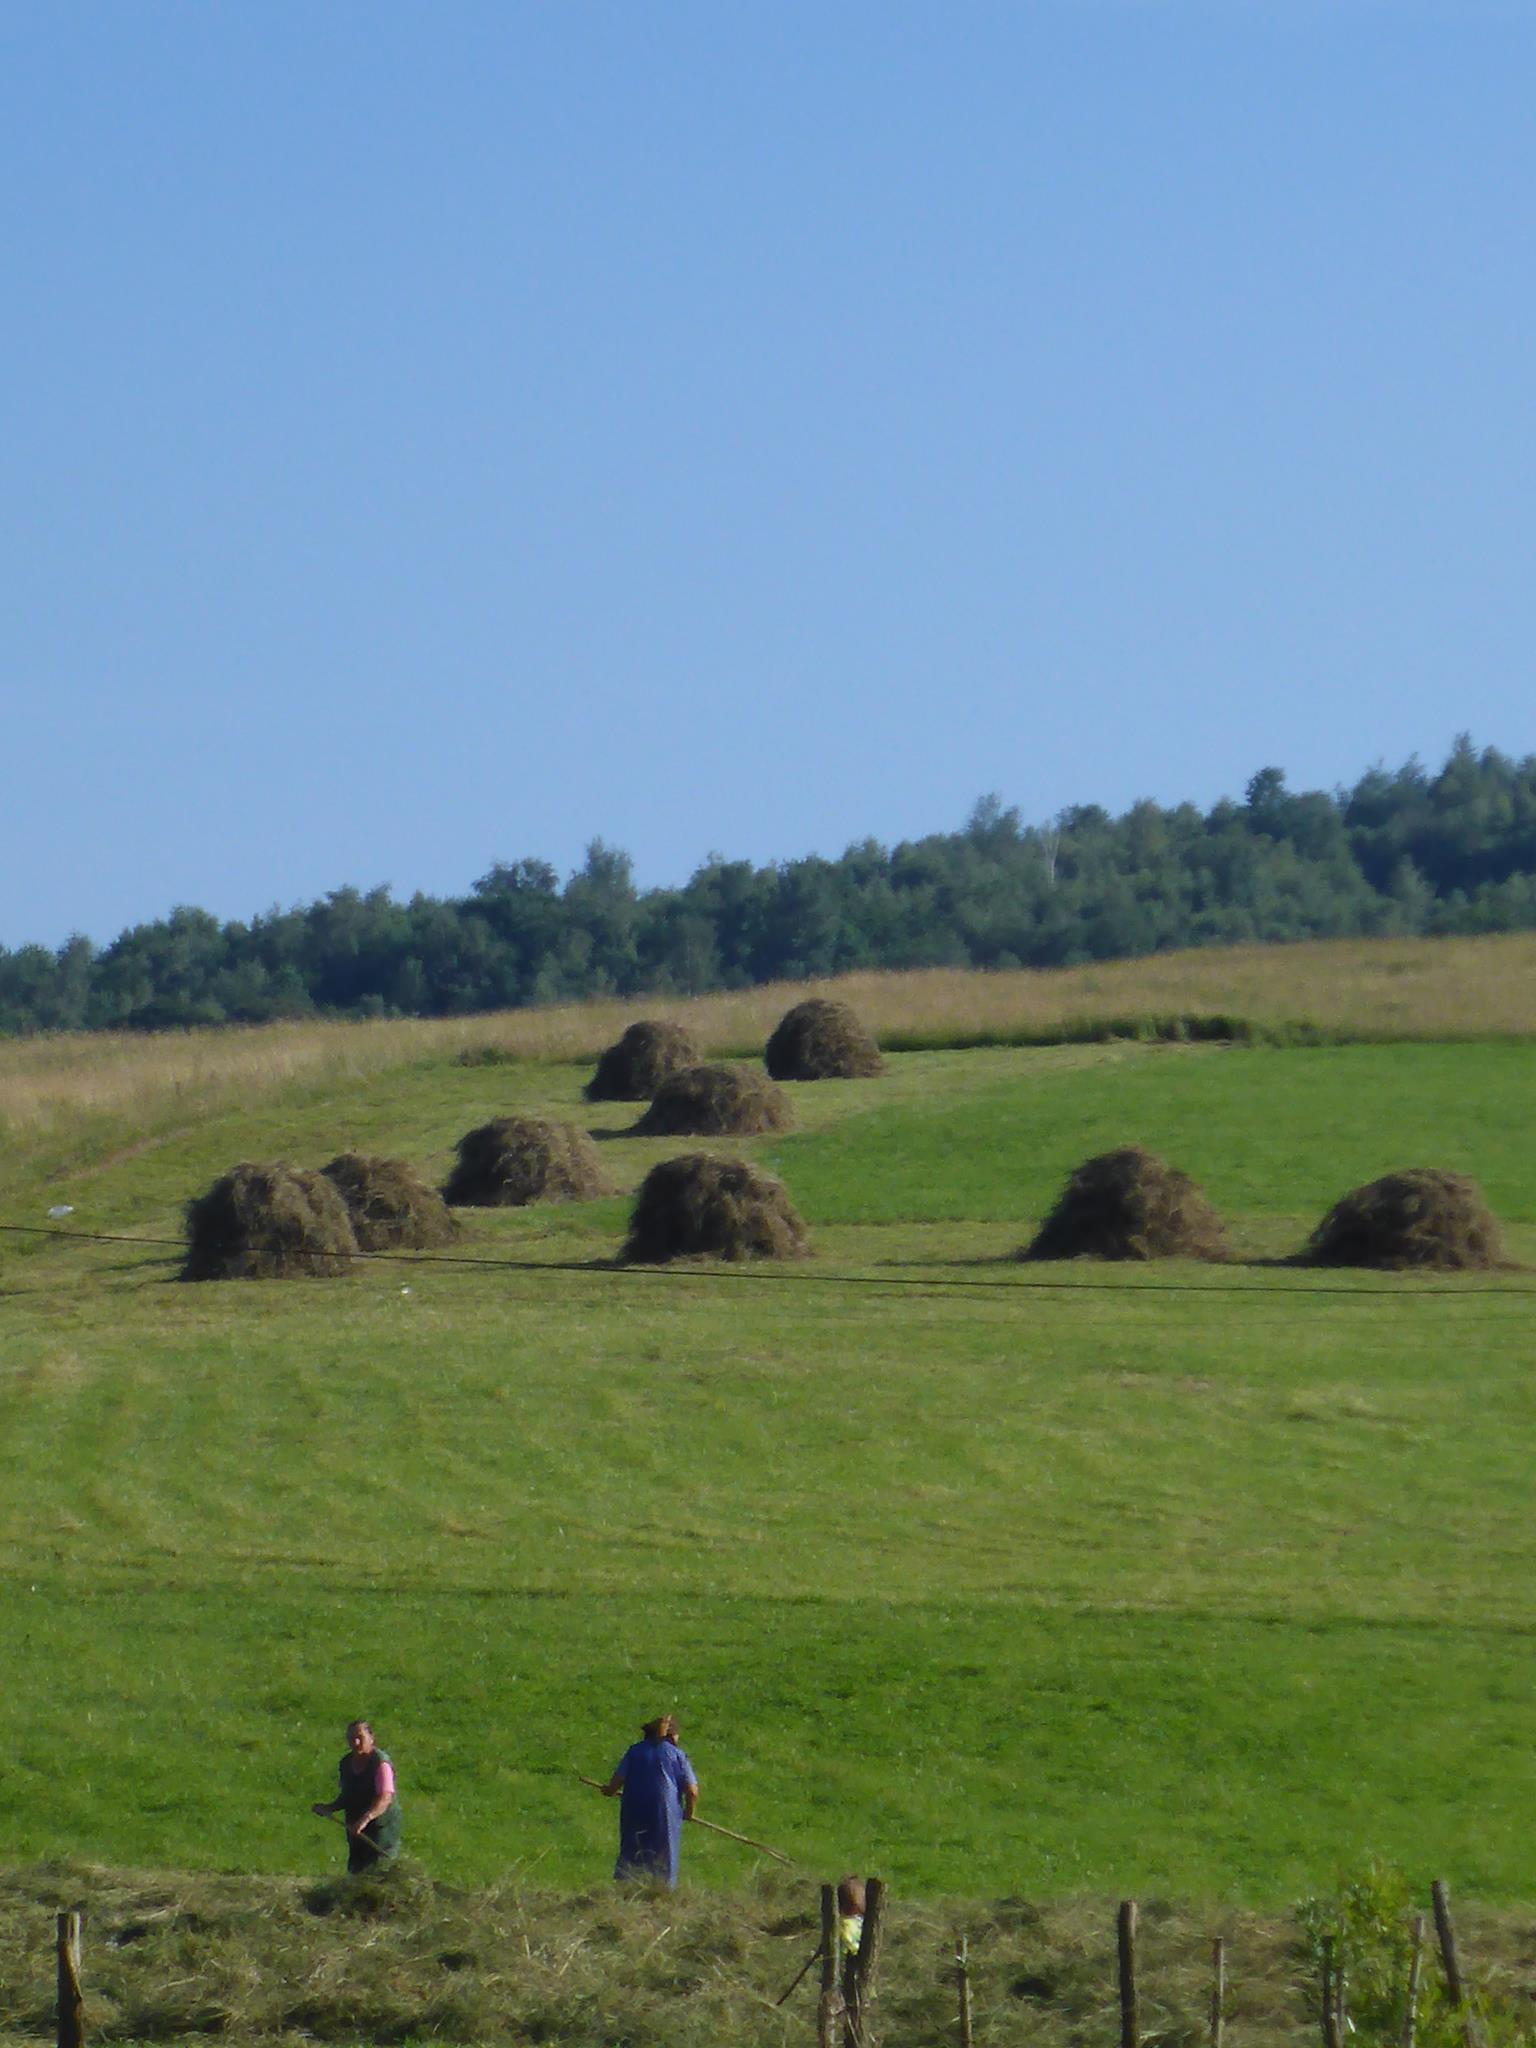 Les petites vieilles regroupant en de gros tas l'herbe coupée qui sera ensuite mise à sêcher sur de longs piquets en bois